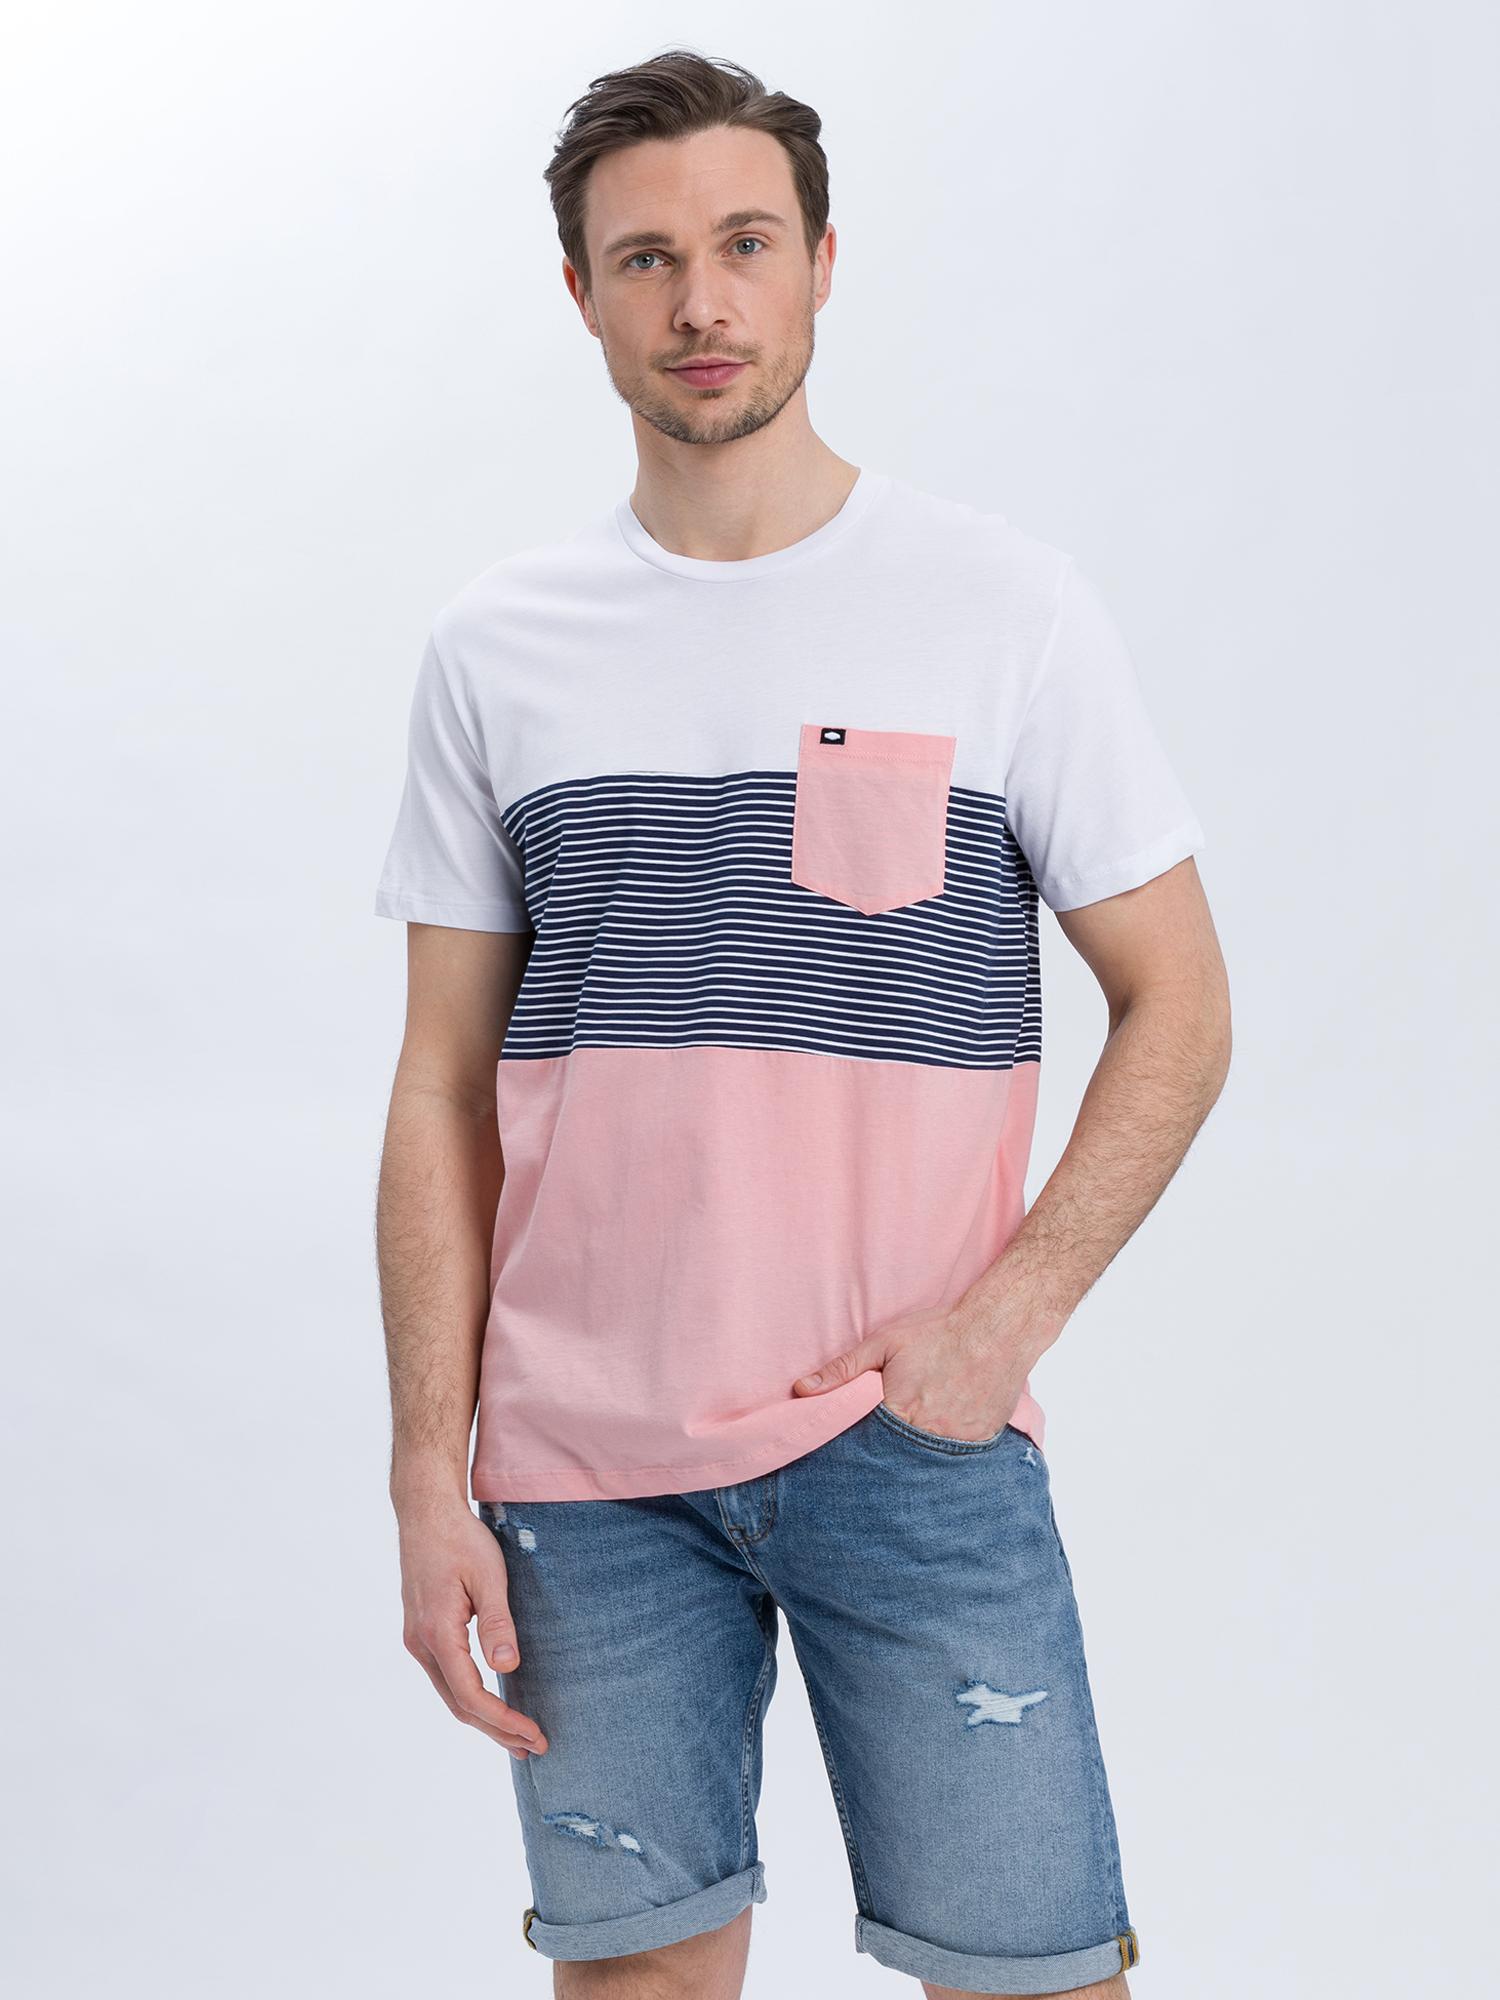 Cross Jeans® Sommerkleid »92155«, Sommerliches Kleid mit Allover-Print kaufen